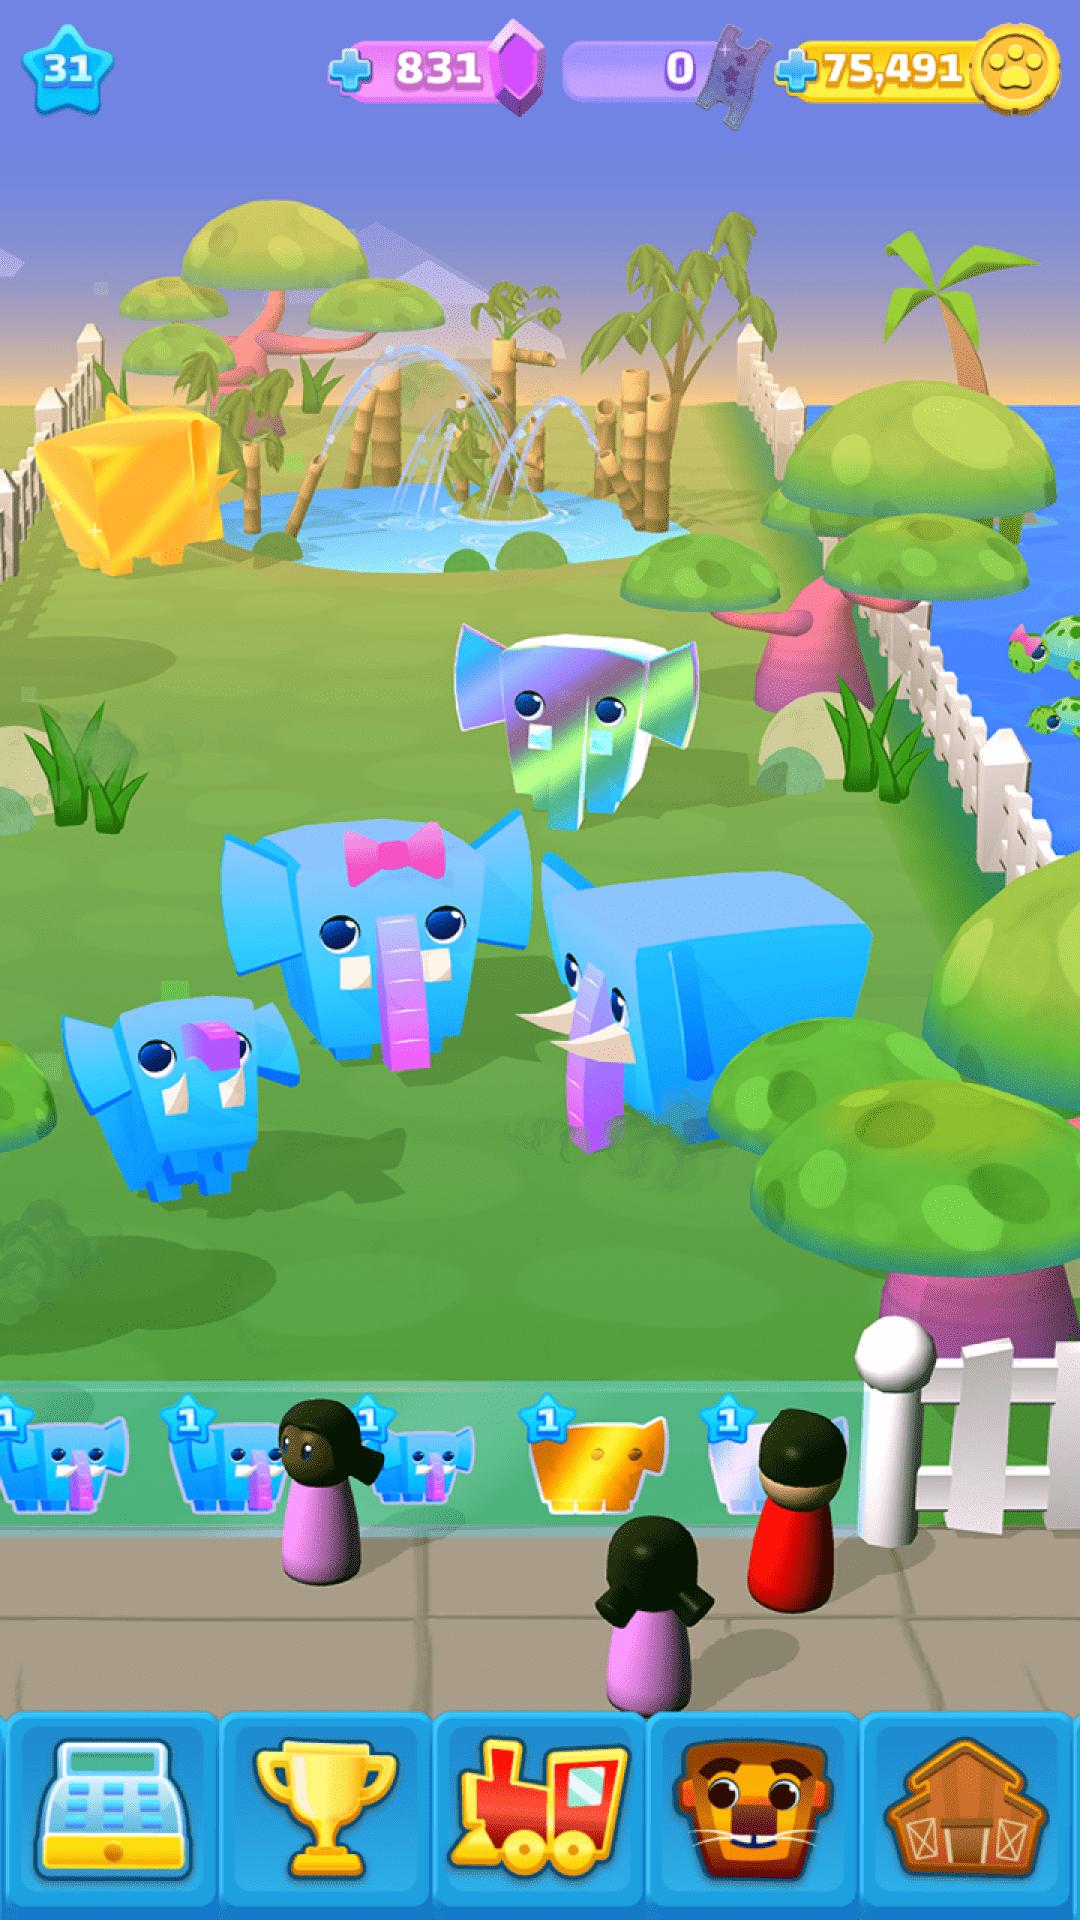 玩转动物园游戏